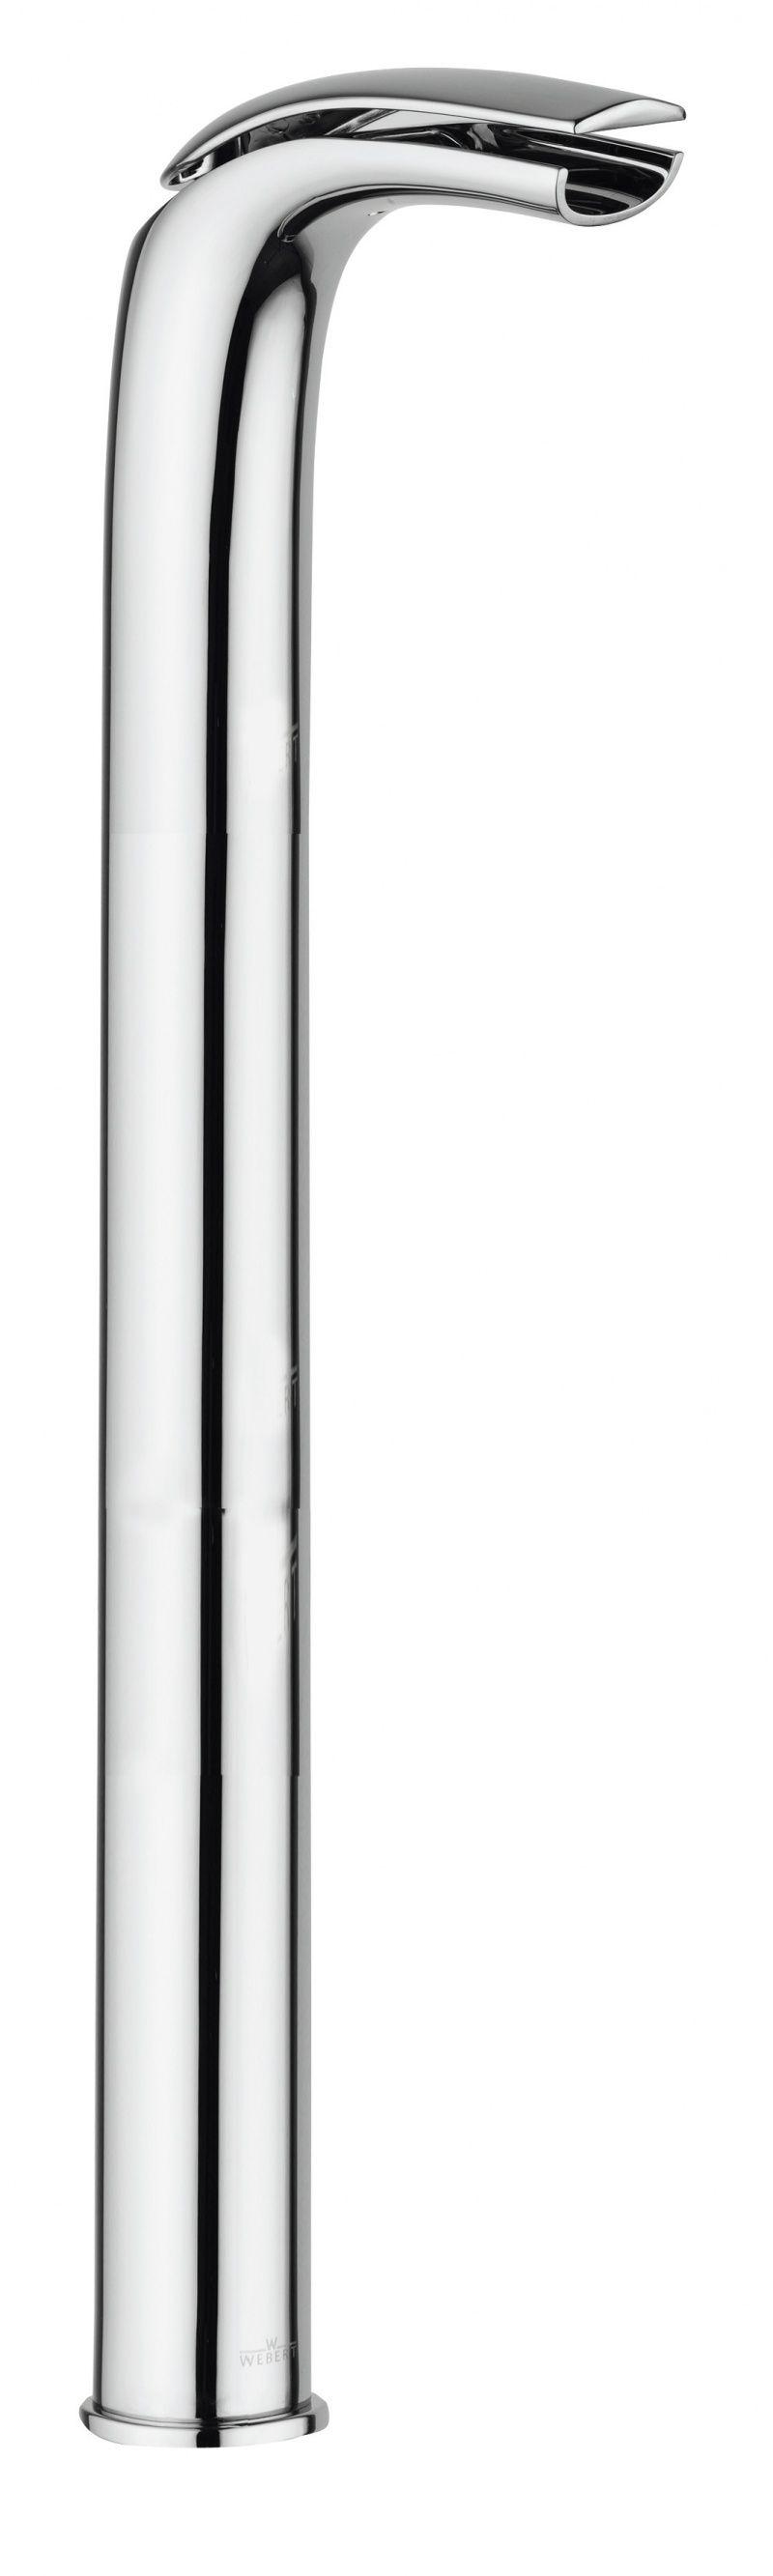 картинка Смеситель напольный Webert Aria AI832301 Белый глянцевый с ручкой хром